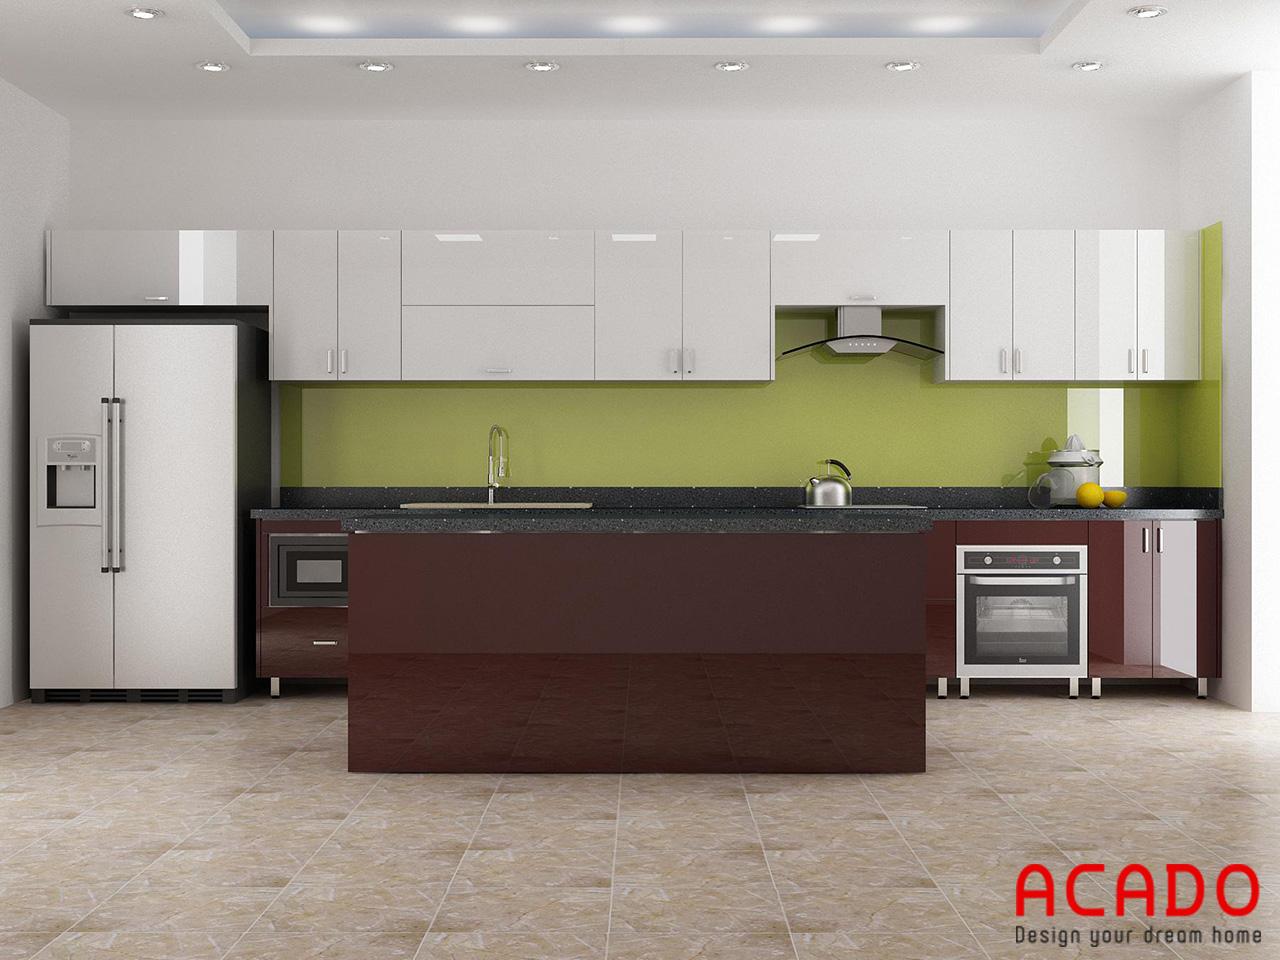 Tủ bếp inox 304 cánh gỗ công nghiệp Acrylic bóng gương chắc chắn, bền đẹp